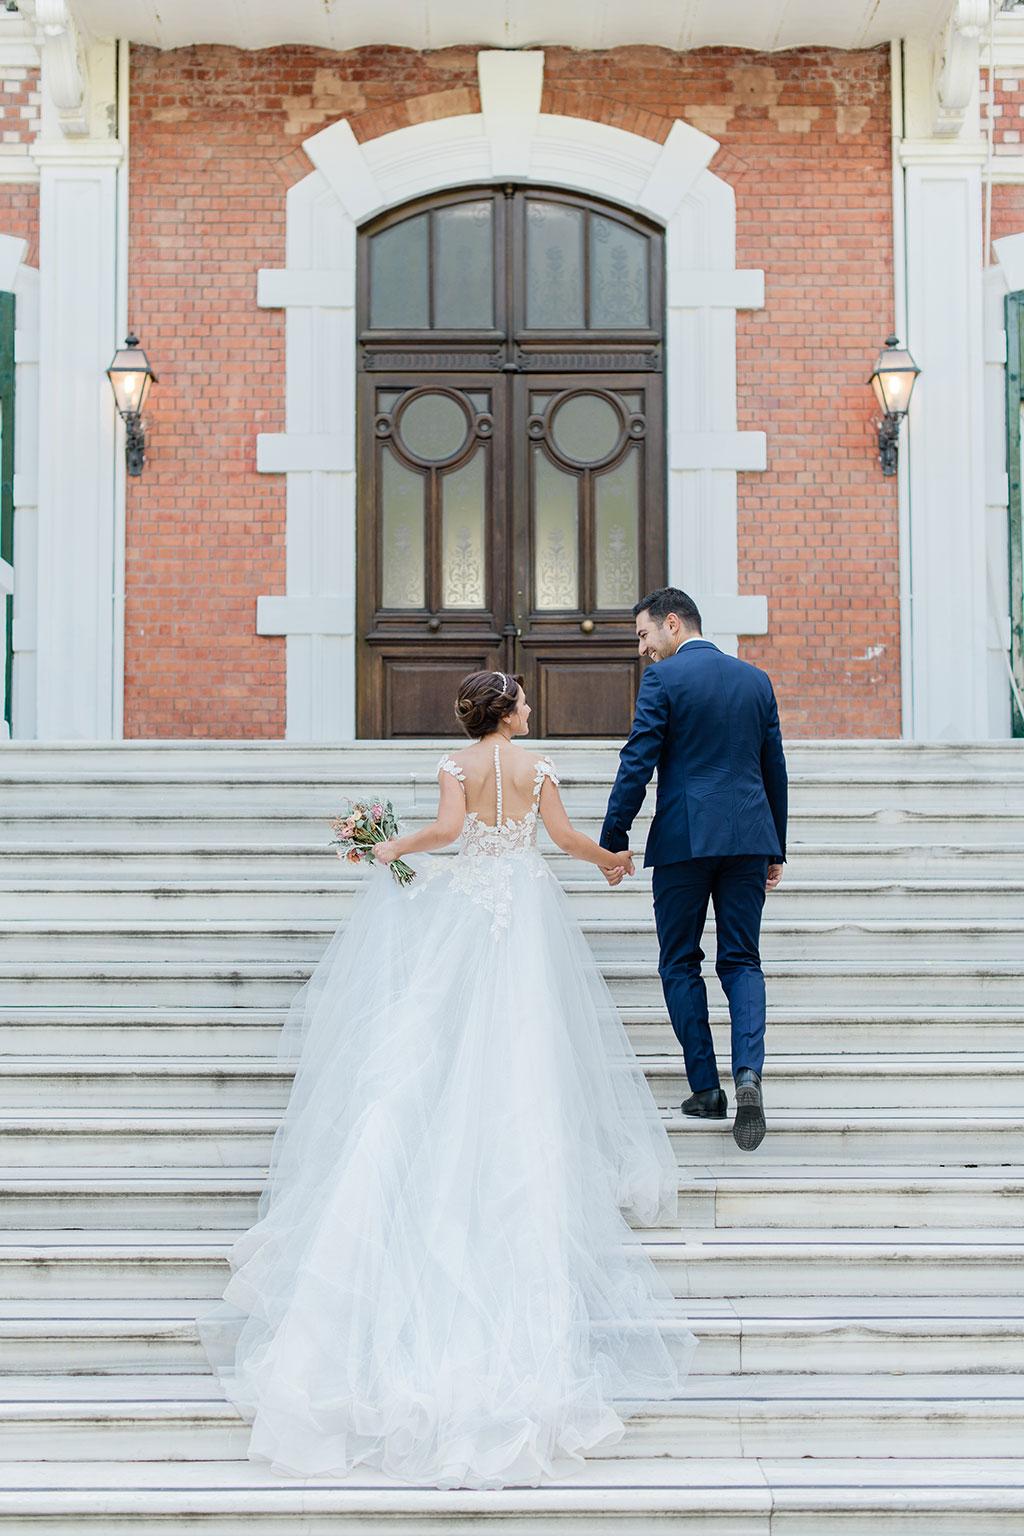 Το ζευγάρι ανεβαίνει τα σκαλιά κατά την φωτογράφιση τους, bride and groom during photoshoot in wedding in thessaloniki